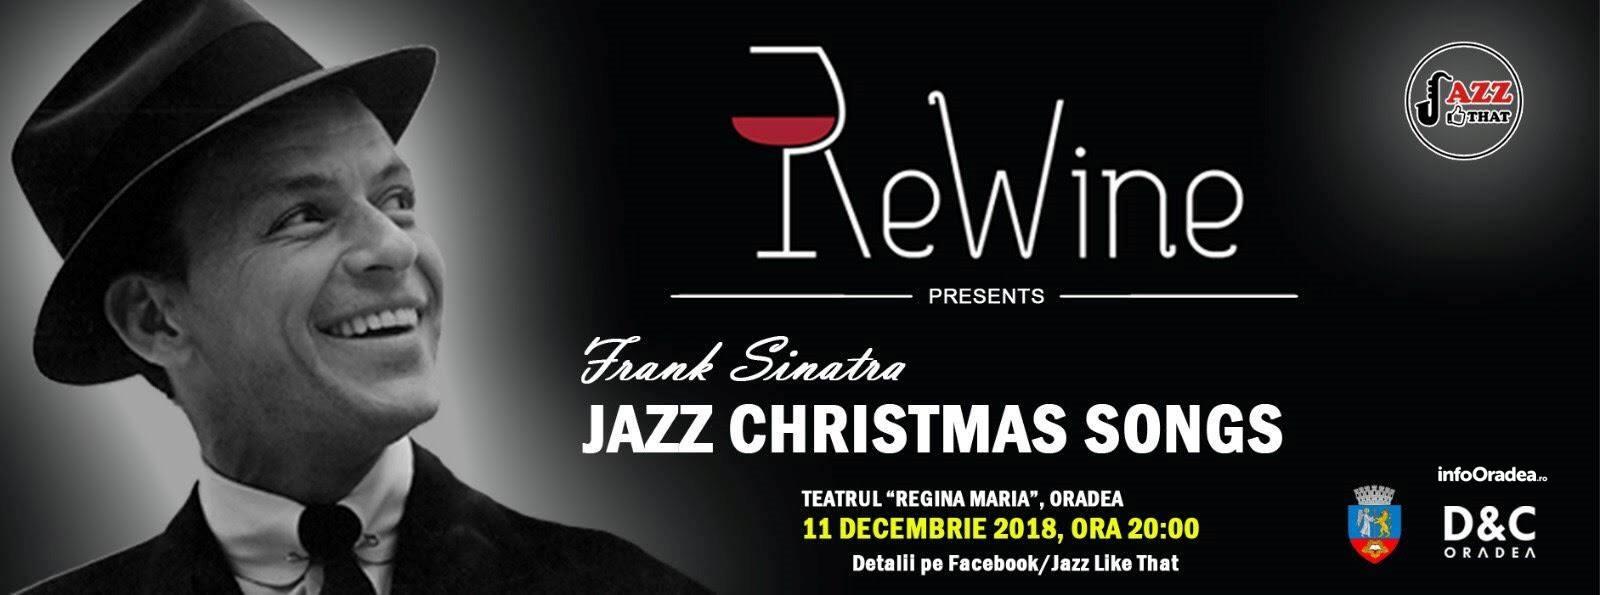 REWINE FRANK SINATRA JAZZ CHRISTMAS SONGS Oradea